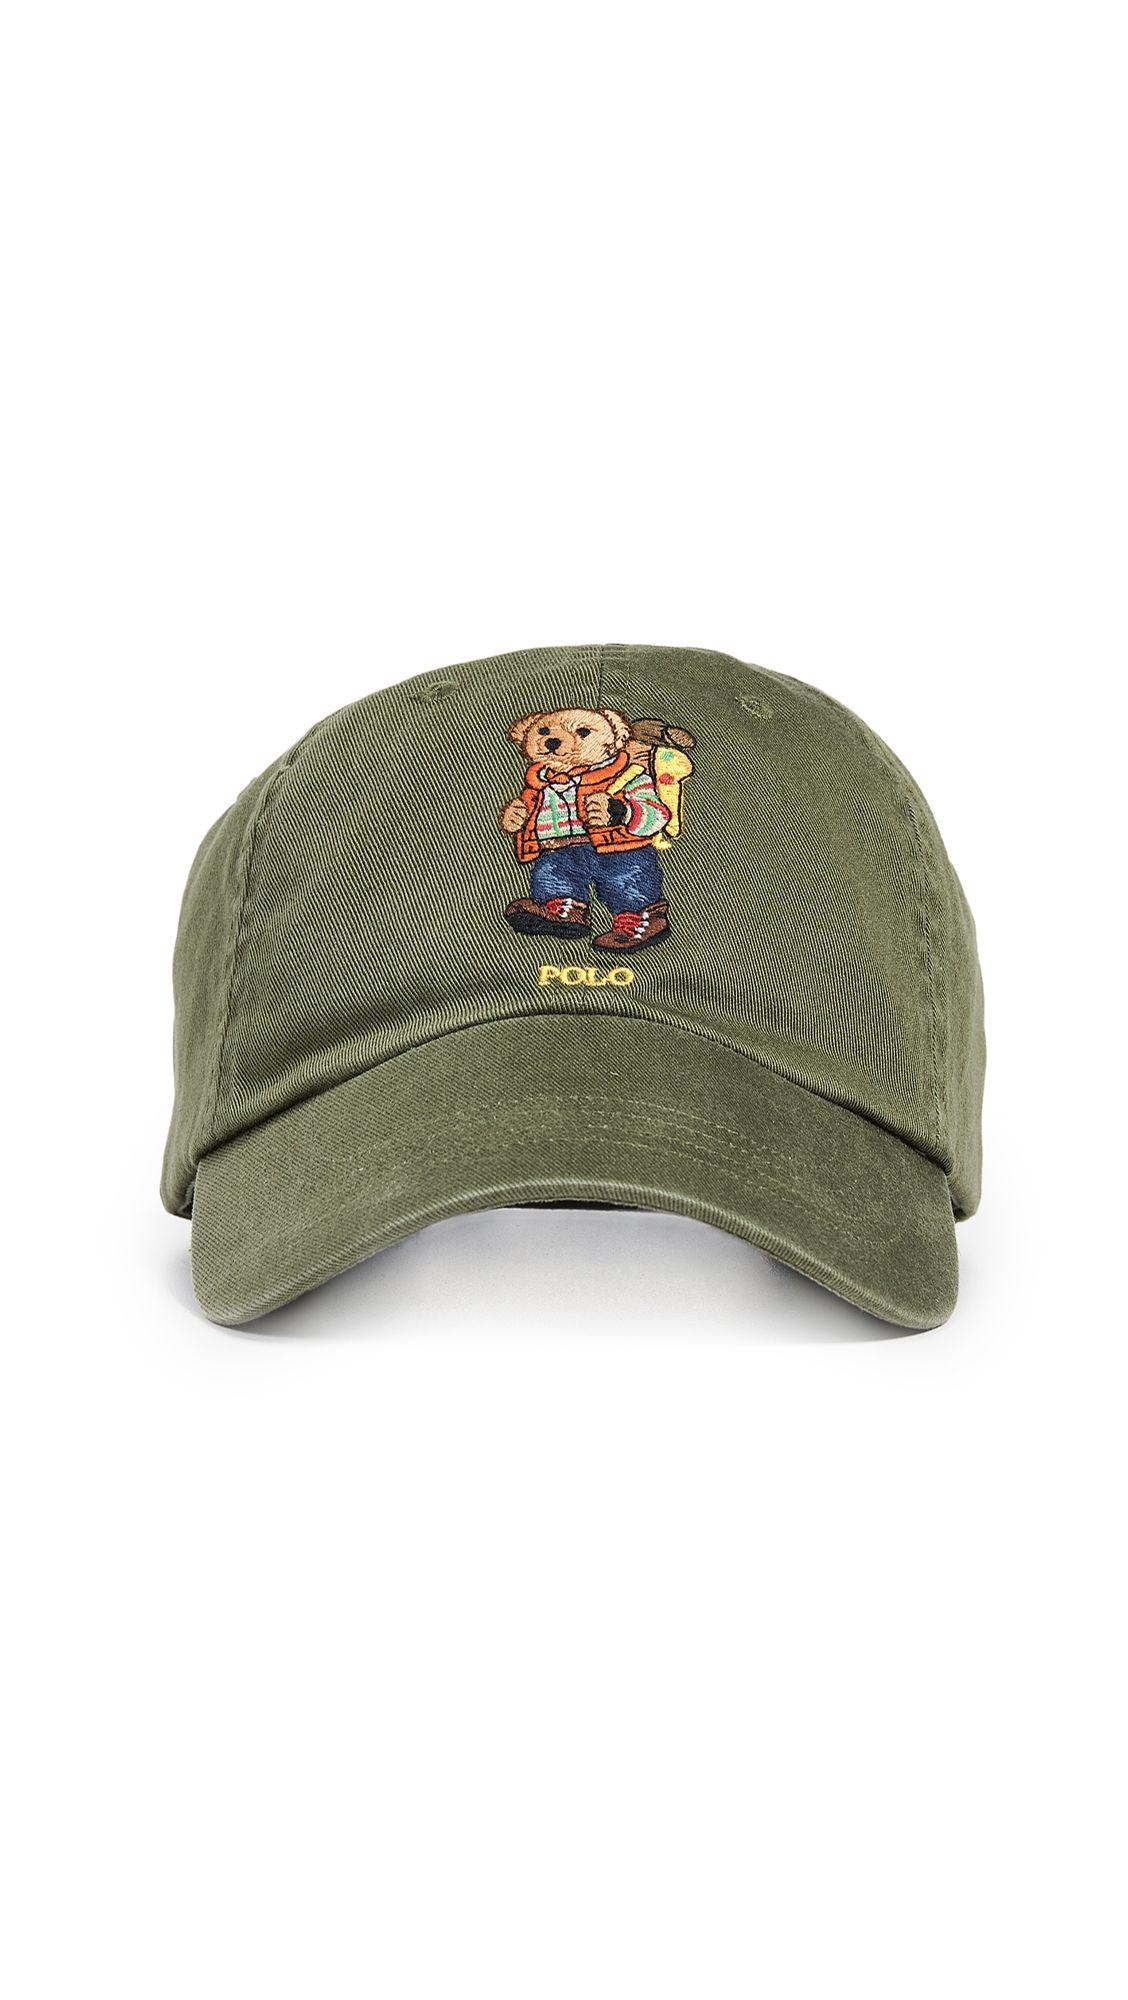 dedf74ef57ca2 POLO RALPH LAUREN HIKING BEAR CAP.  poloralphlauren